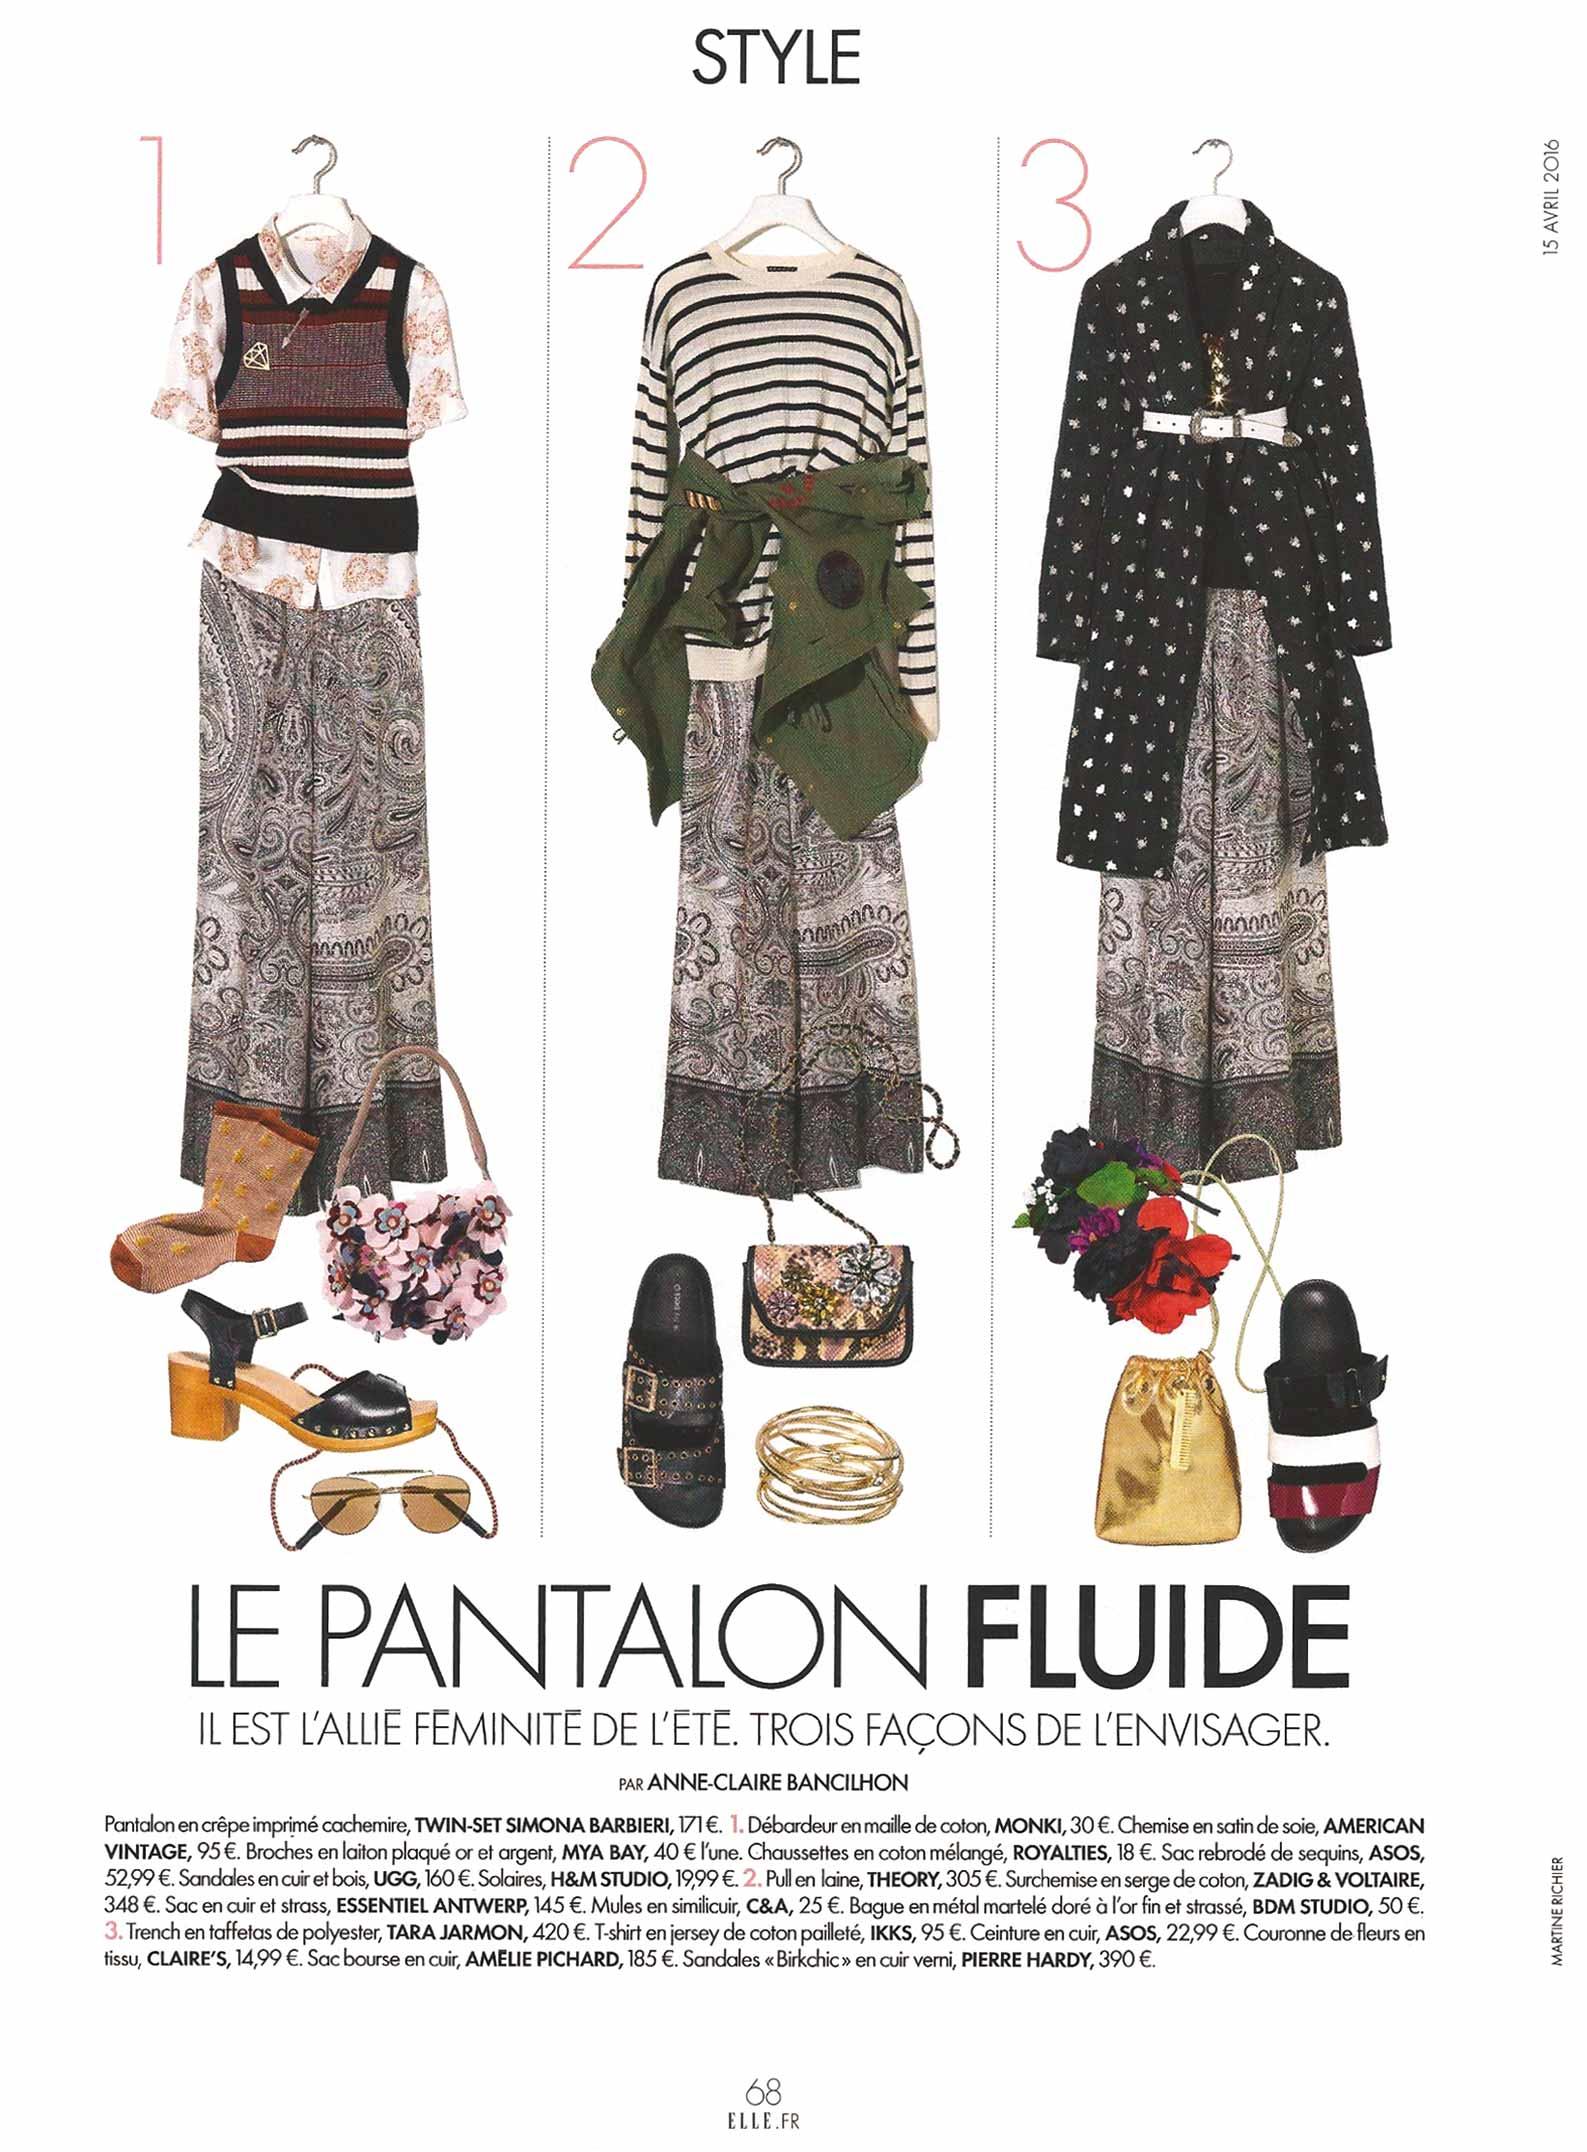 Elle_pantalon-fluide_web.jpg